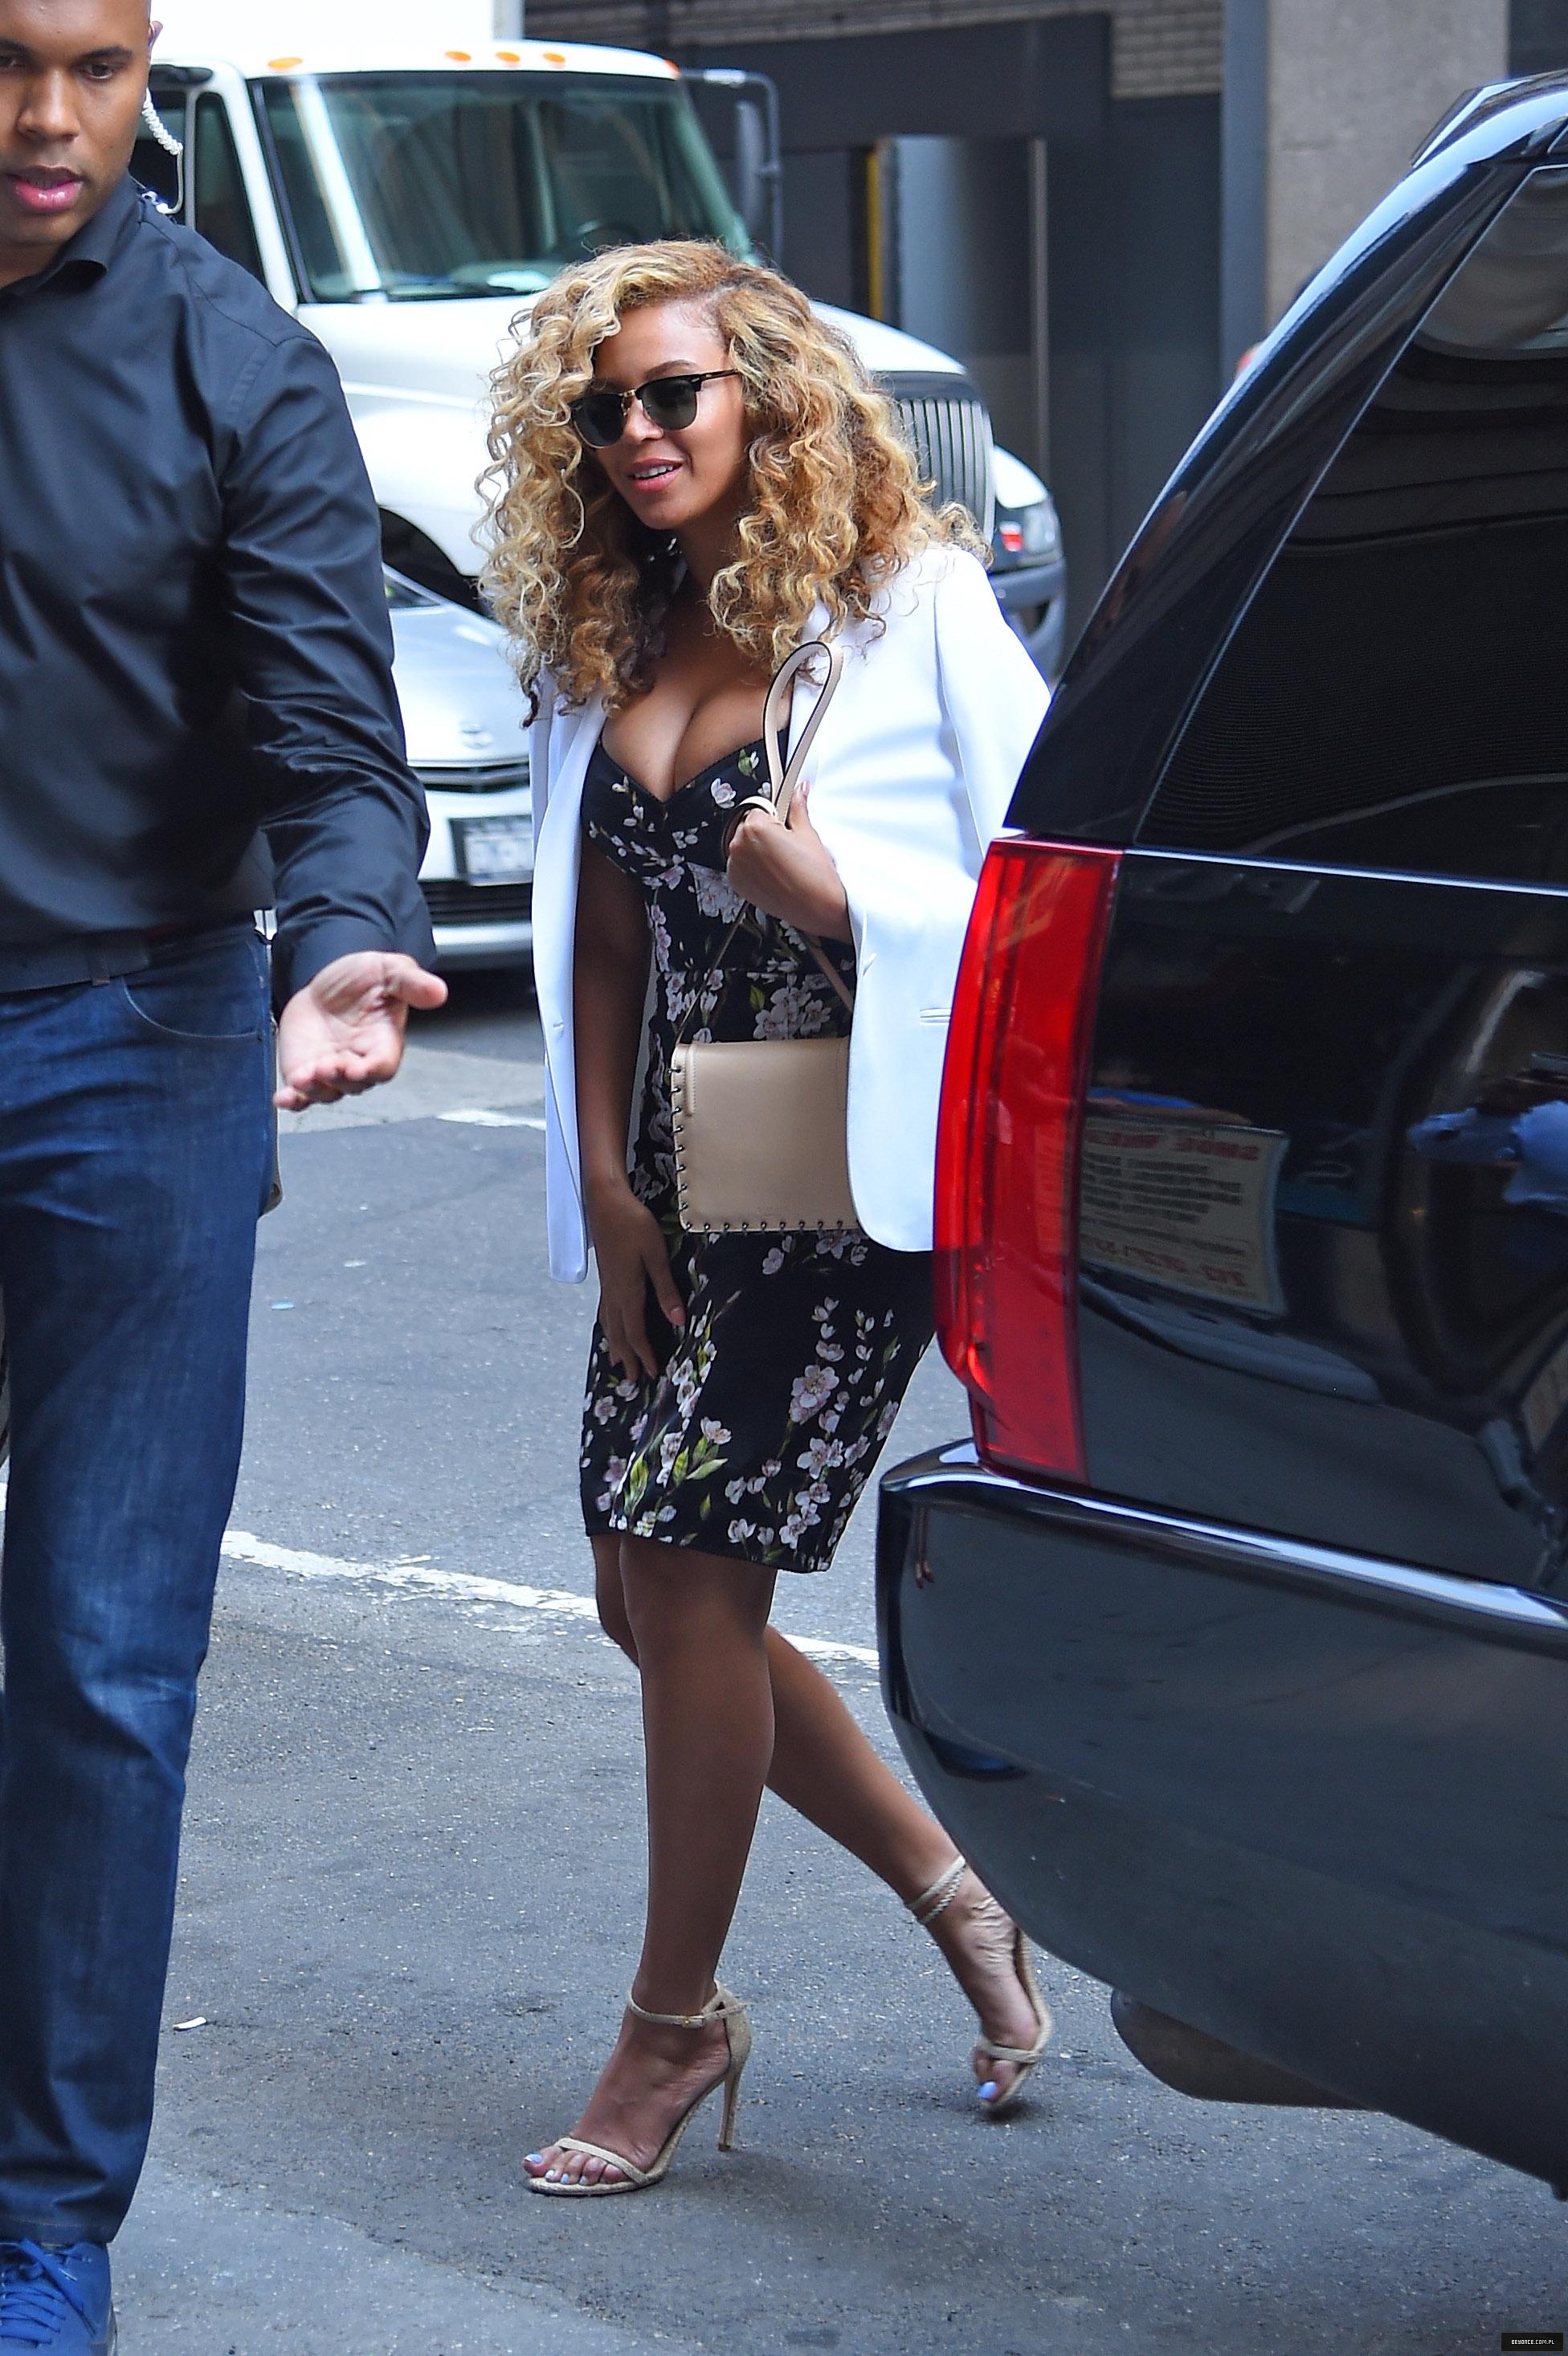 Beyoncé > Apariciones en público <Candids> [III] - Página 48 Beyonce_28229